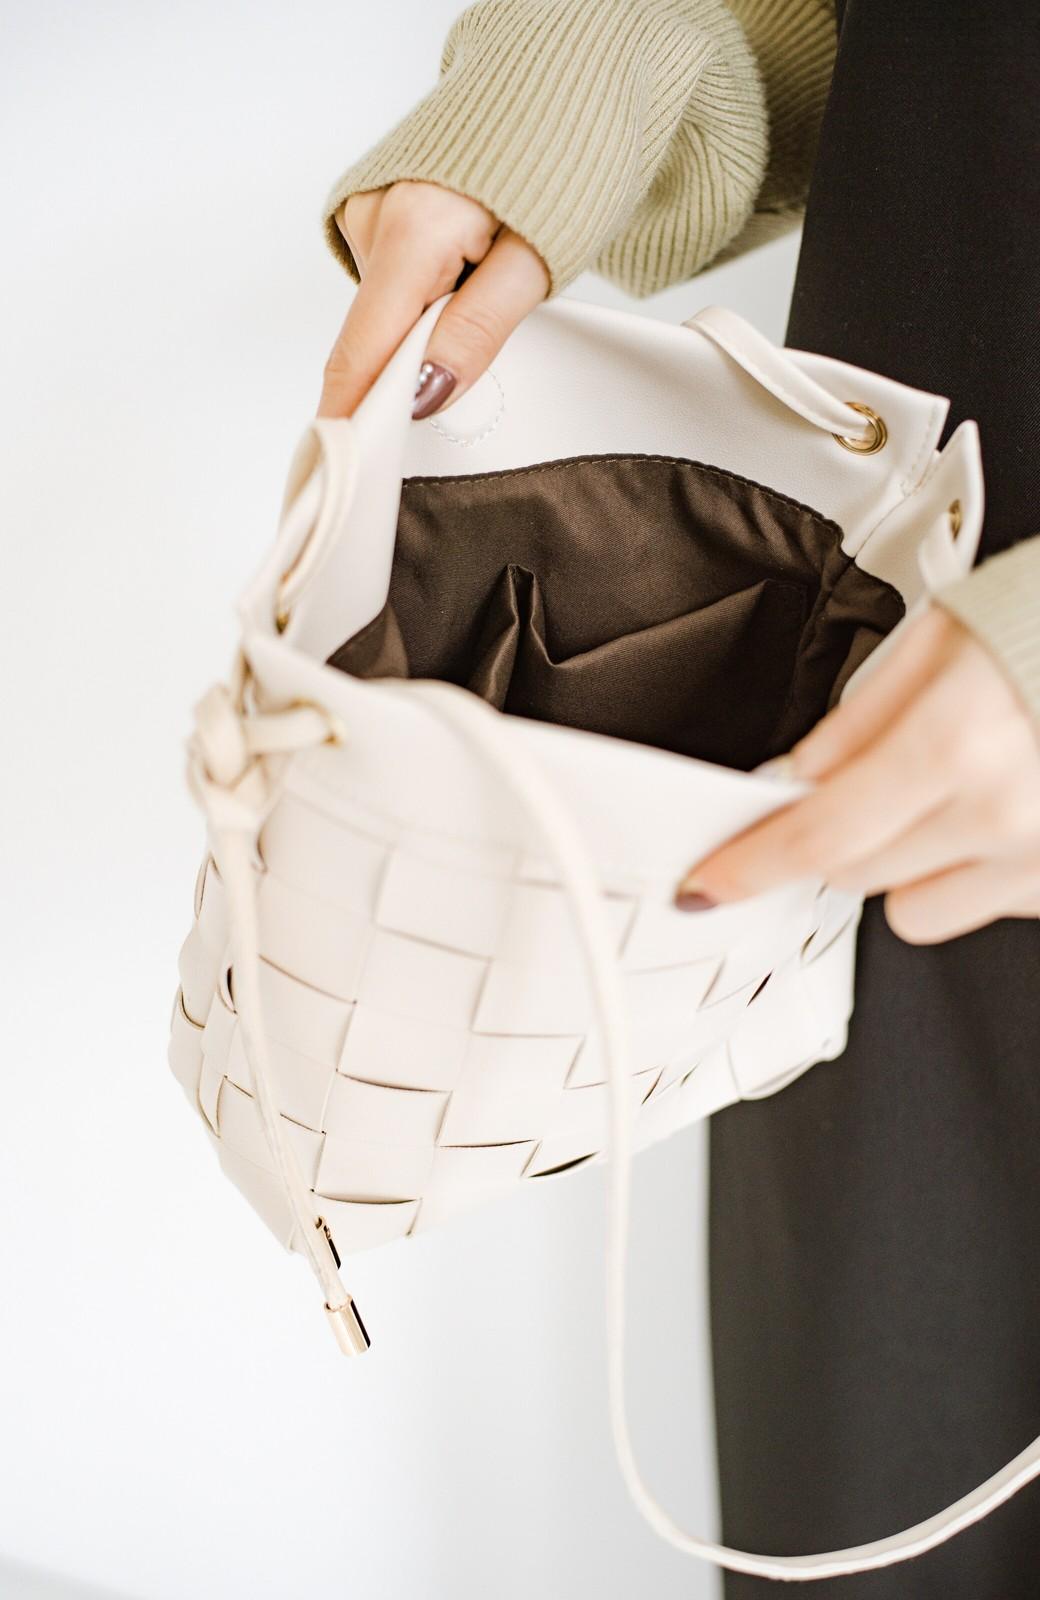 haco! さっと持って女っぽ 手編みメッシュが上品なやわらかフェイクレザーのトートバッグ <オフホワイト>の商品写真6